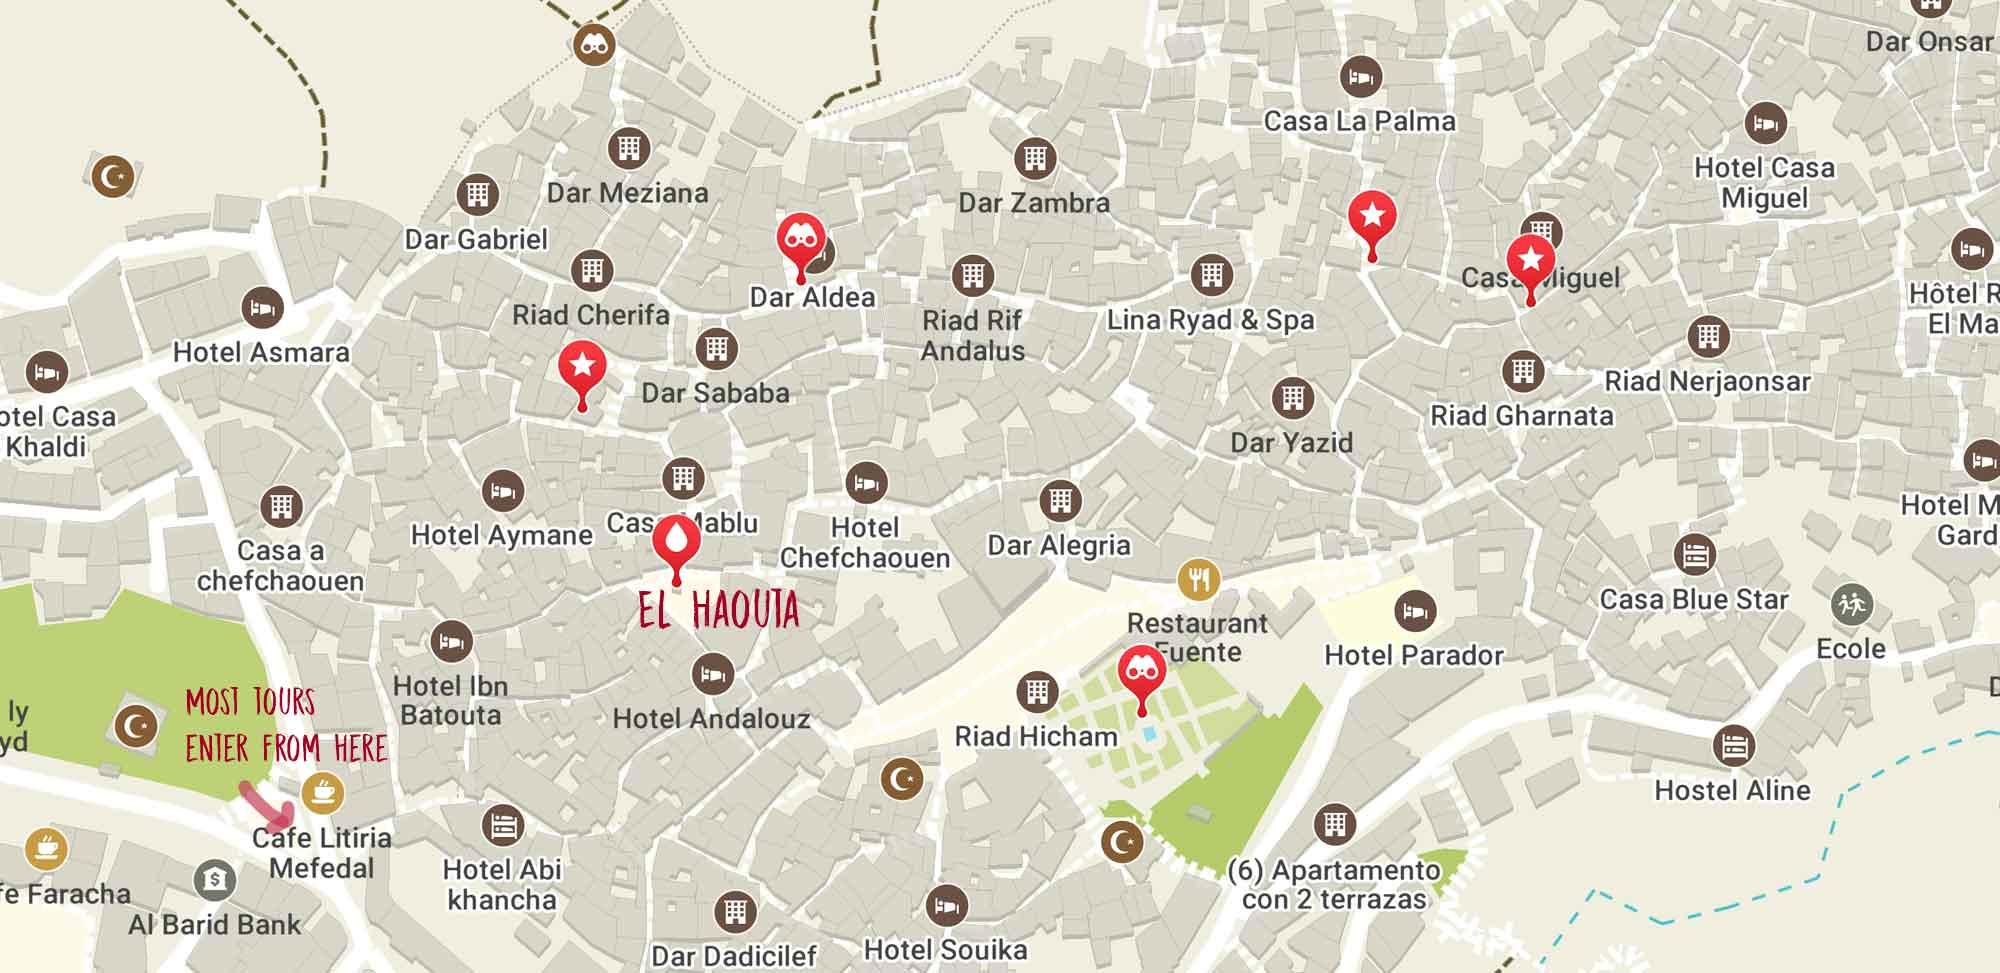 chefchaouen-el-haouta-map